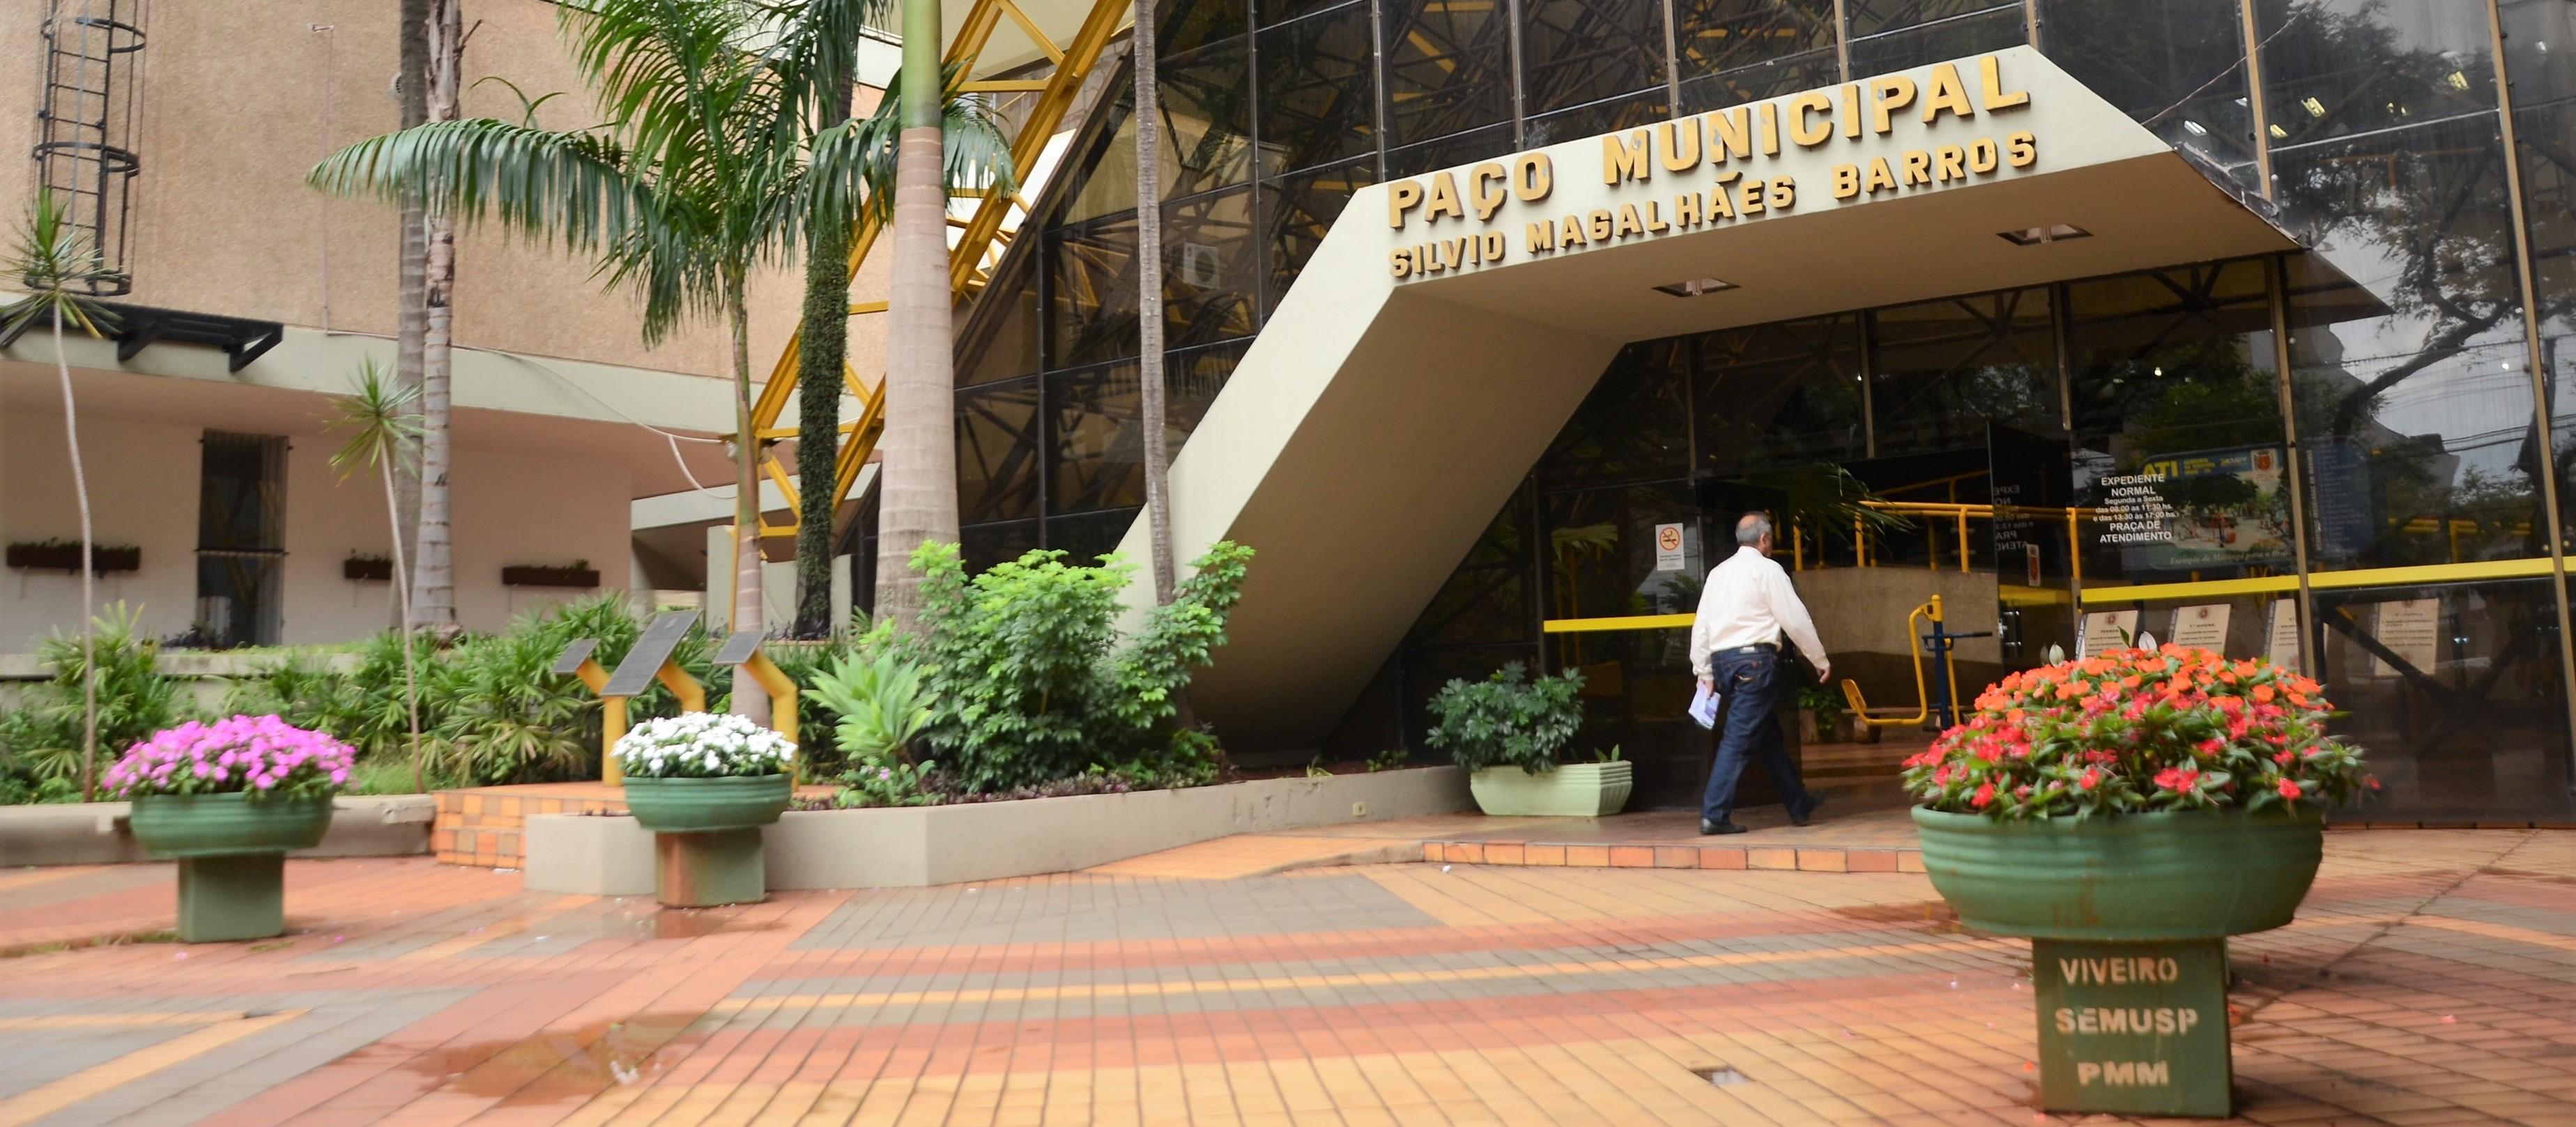 Prefeitura de Maringá quer empréstimo de R$ 42 milhões da Caixa